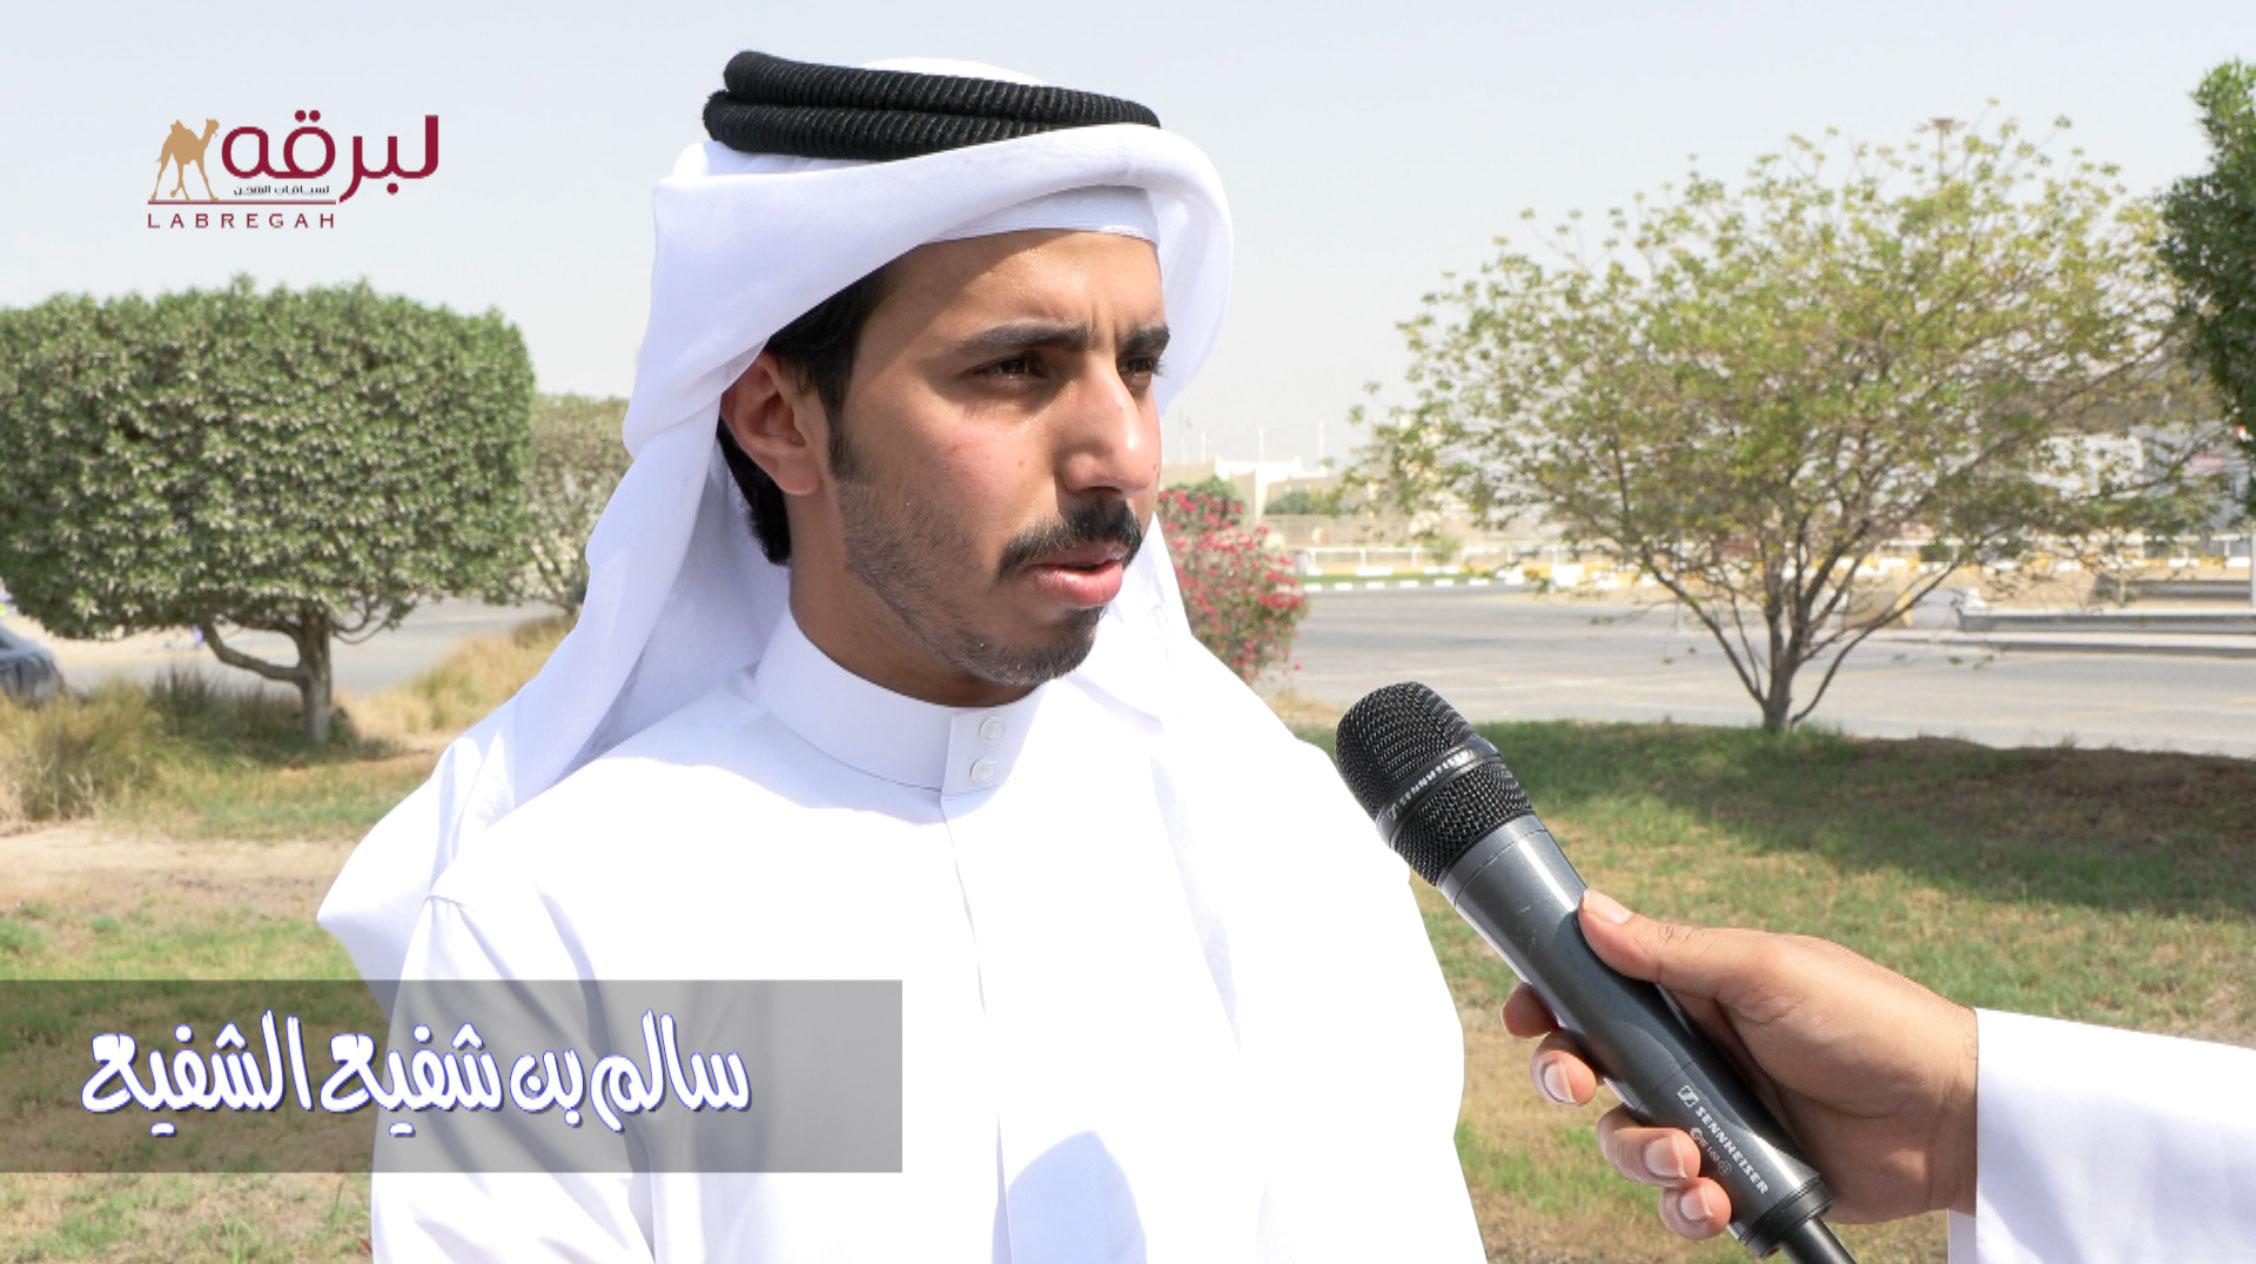 لقاء مع سالم بن شفيع راشد الشفيع.. الشوط الرئيسي لقايا قعدان إنتاج ميدان الشحانية ٦-٩-٢٠٢١